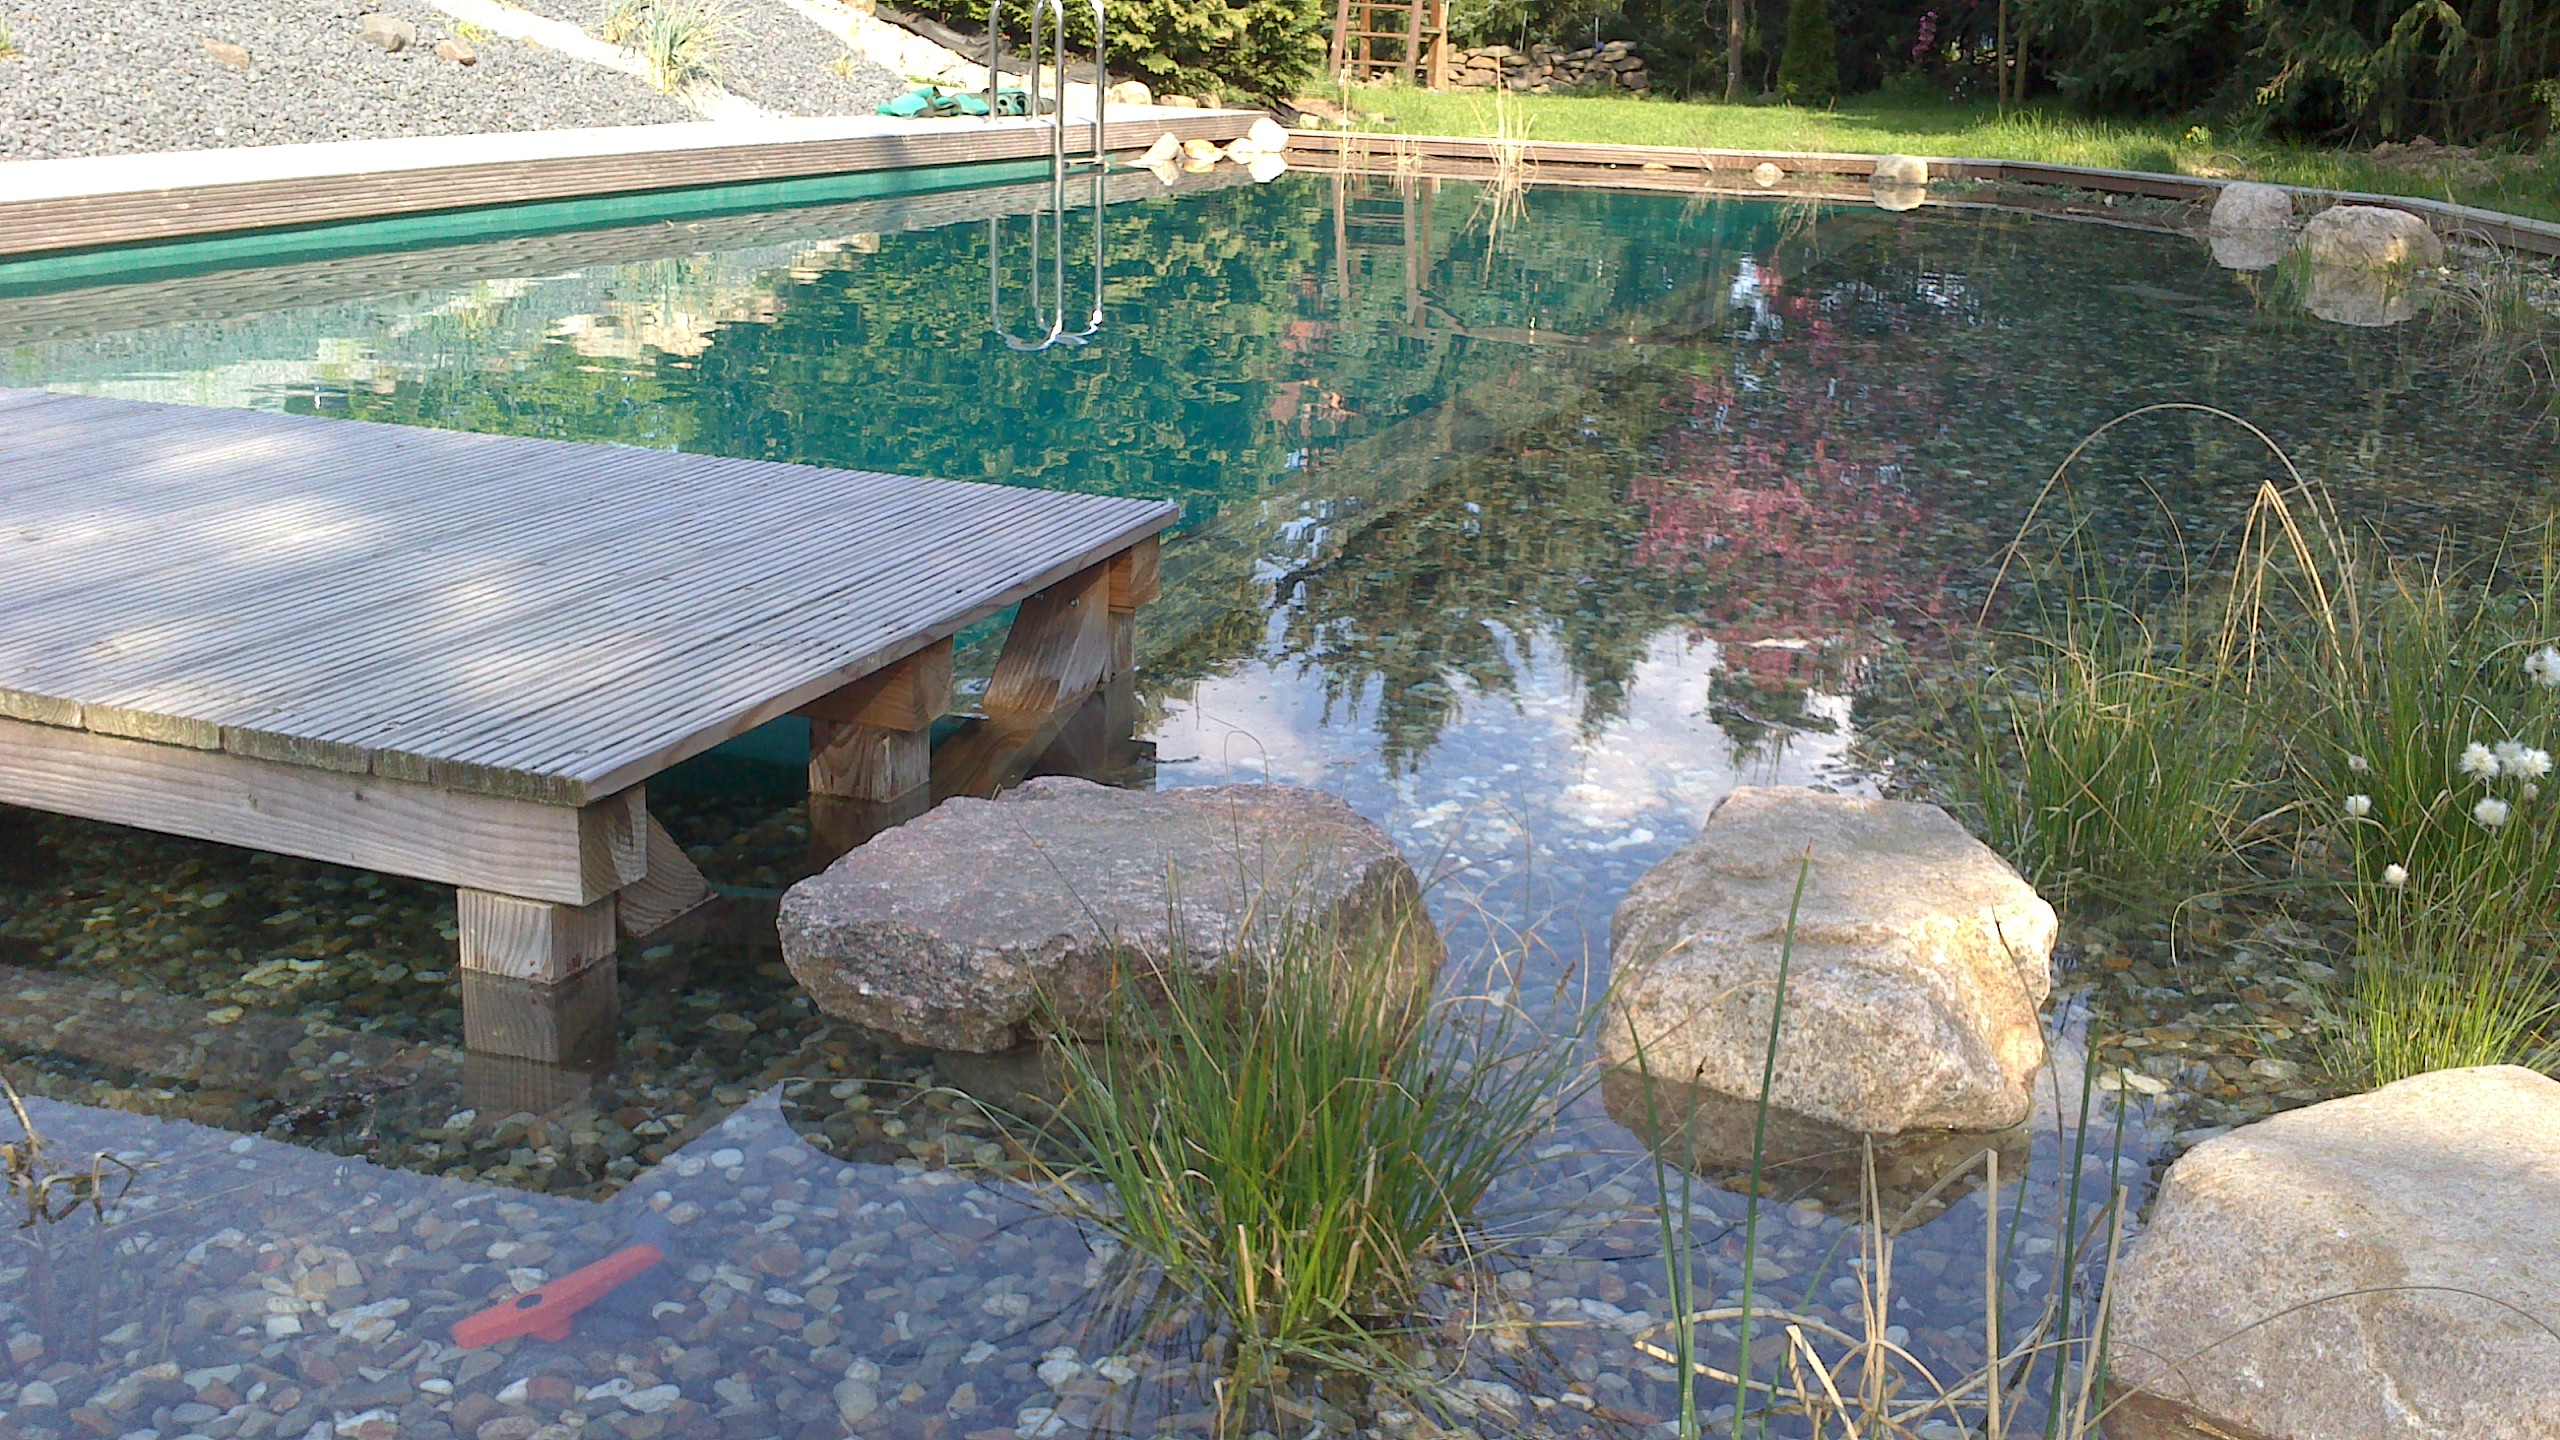 Bodhi baum schwimmteich northeim harz for Schwimmteich garten